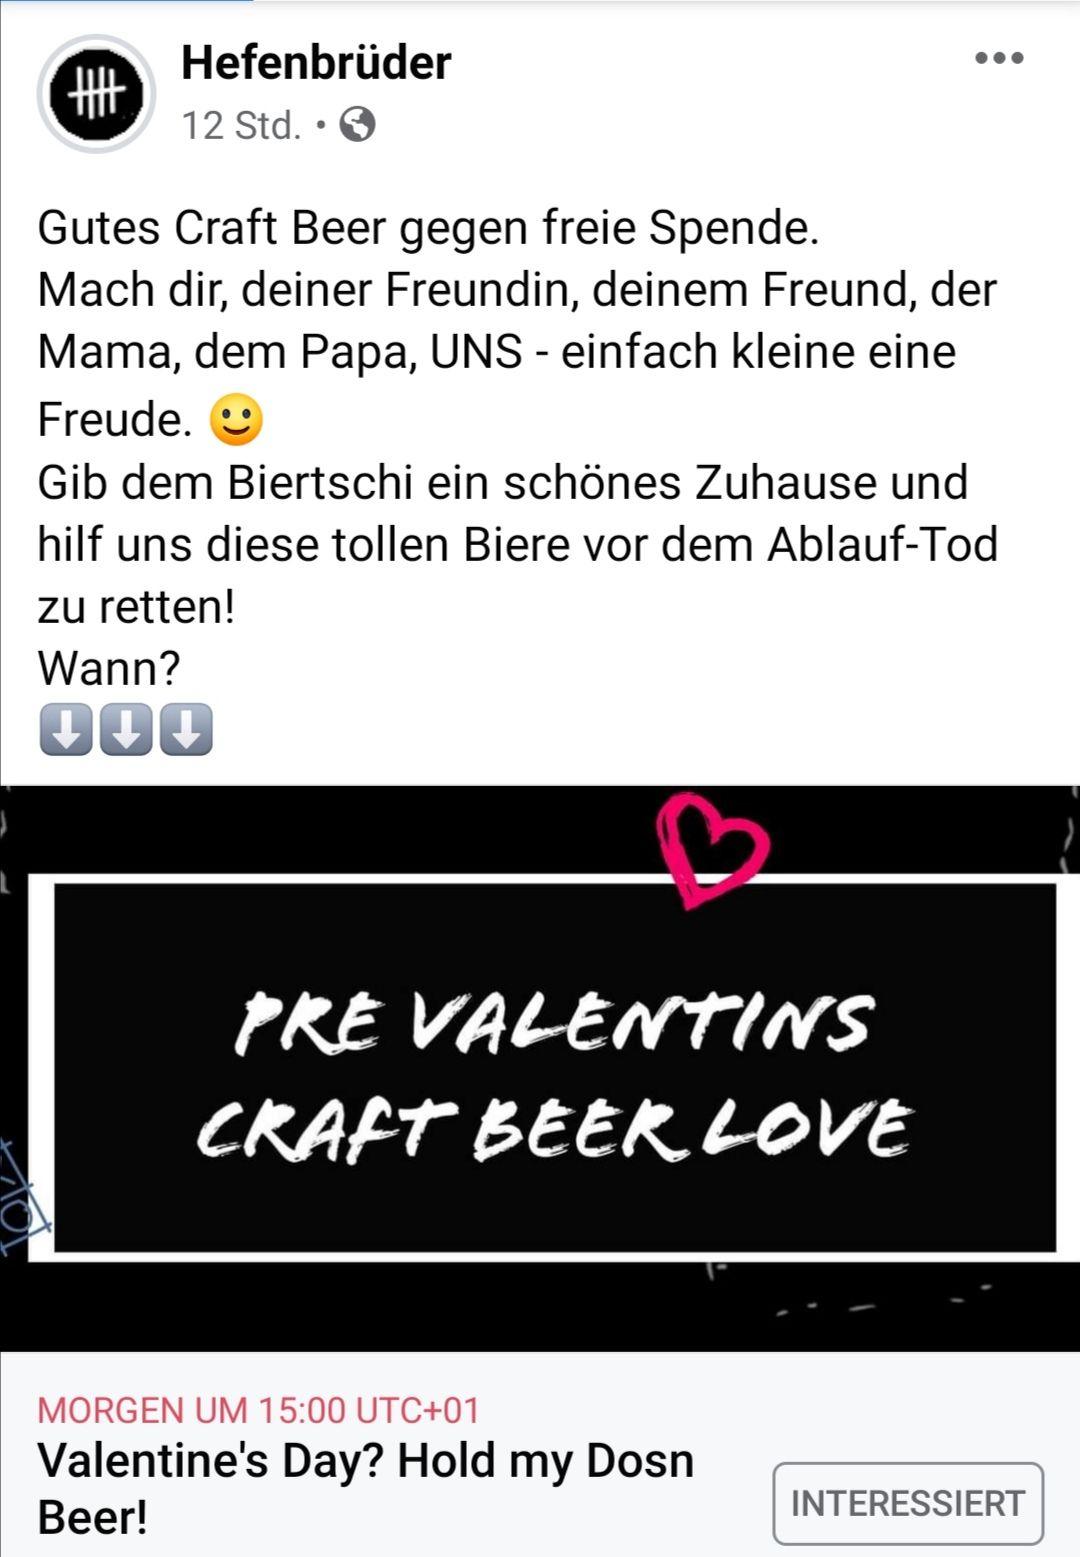 Bier to go von den Hefenbrüdern gegen freie Spende